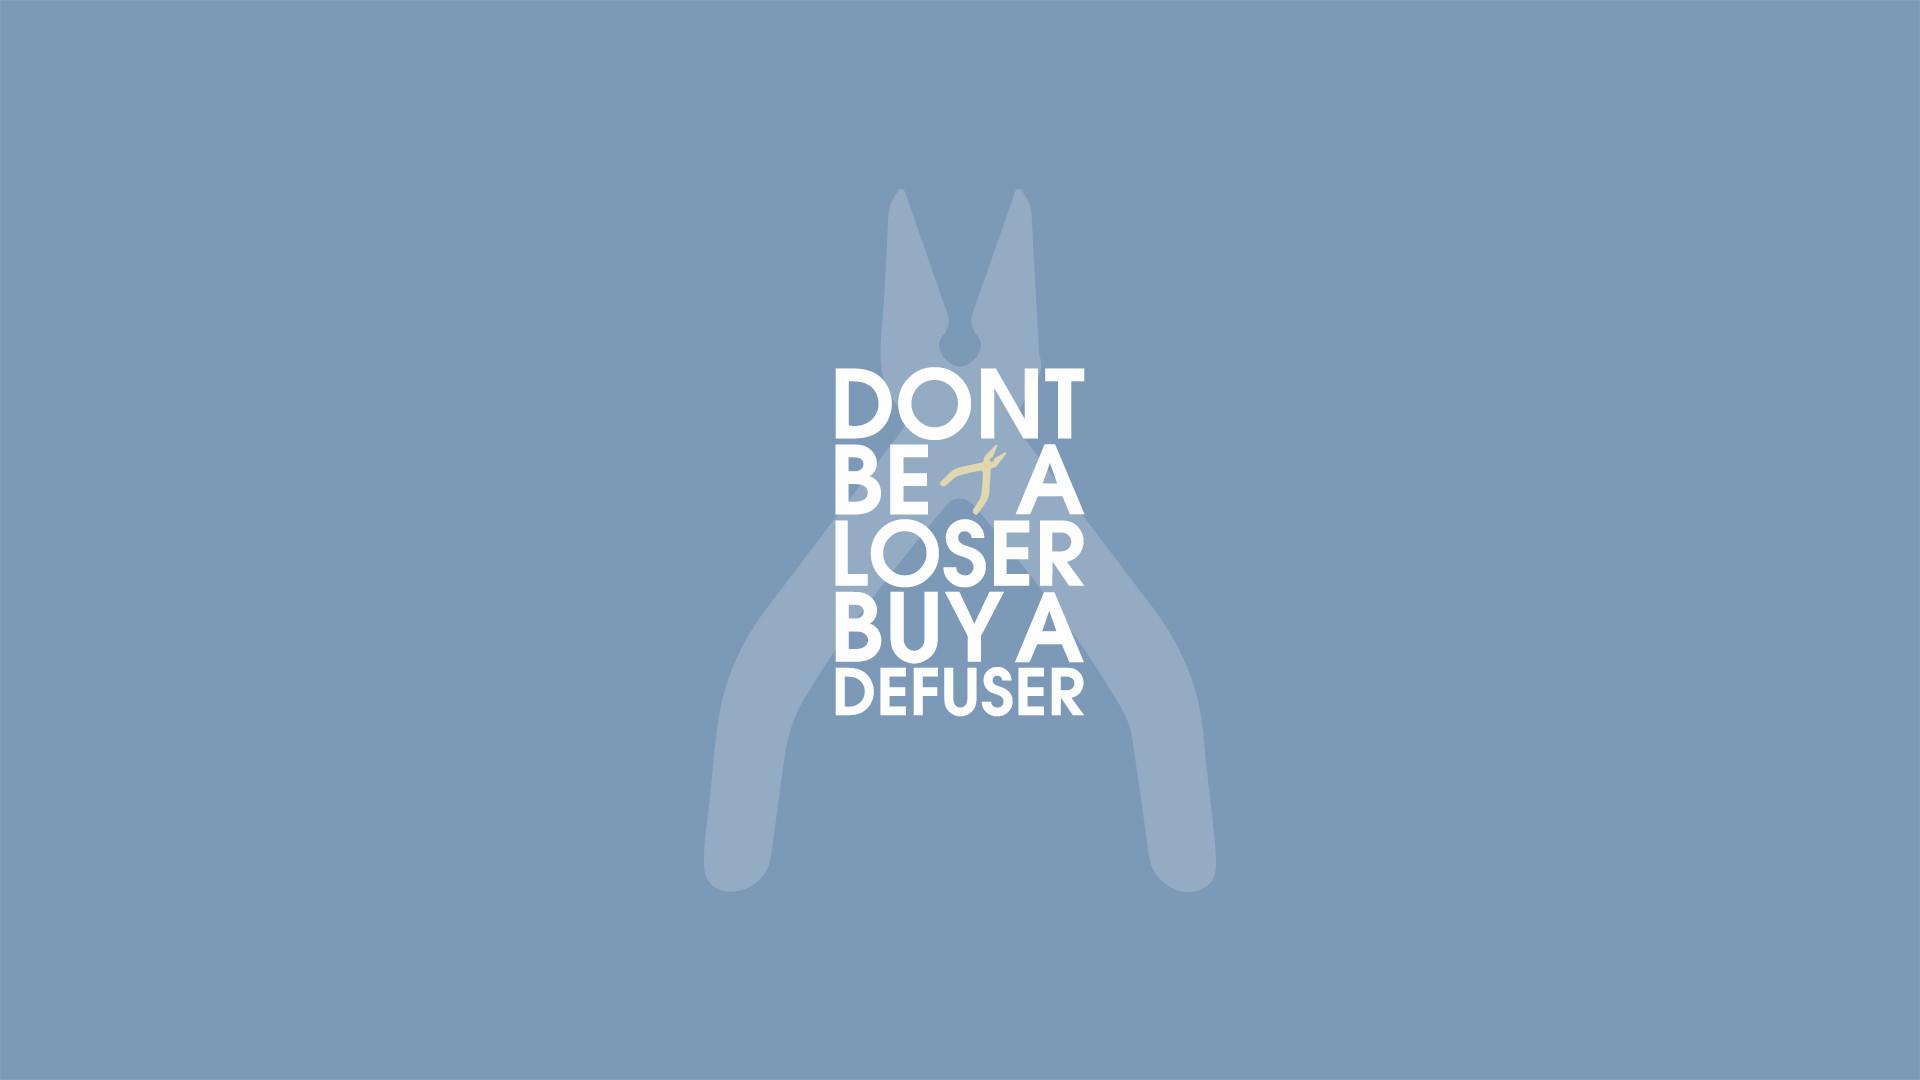 Buy a defuser by /u/BystanderEG …